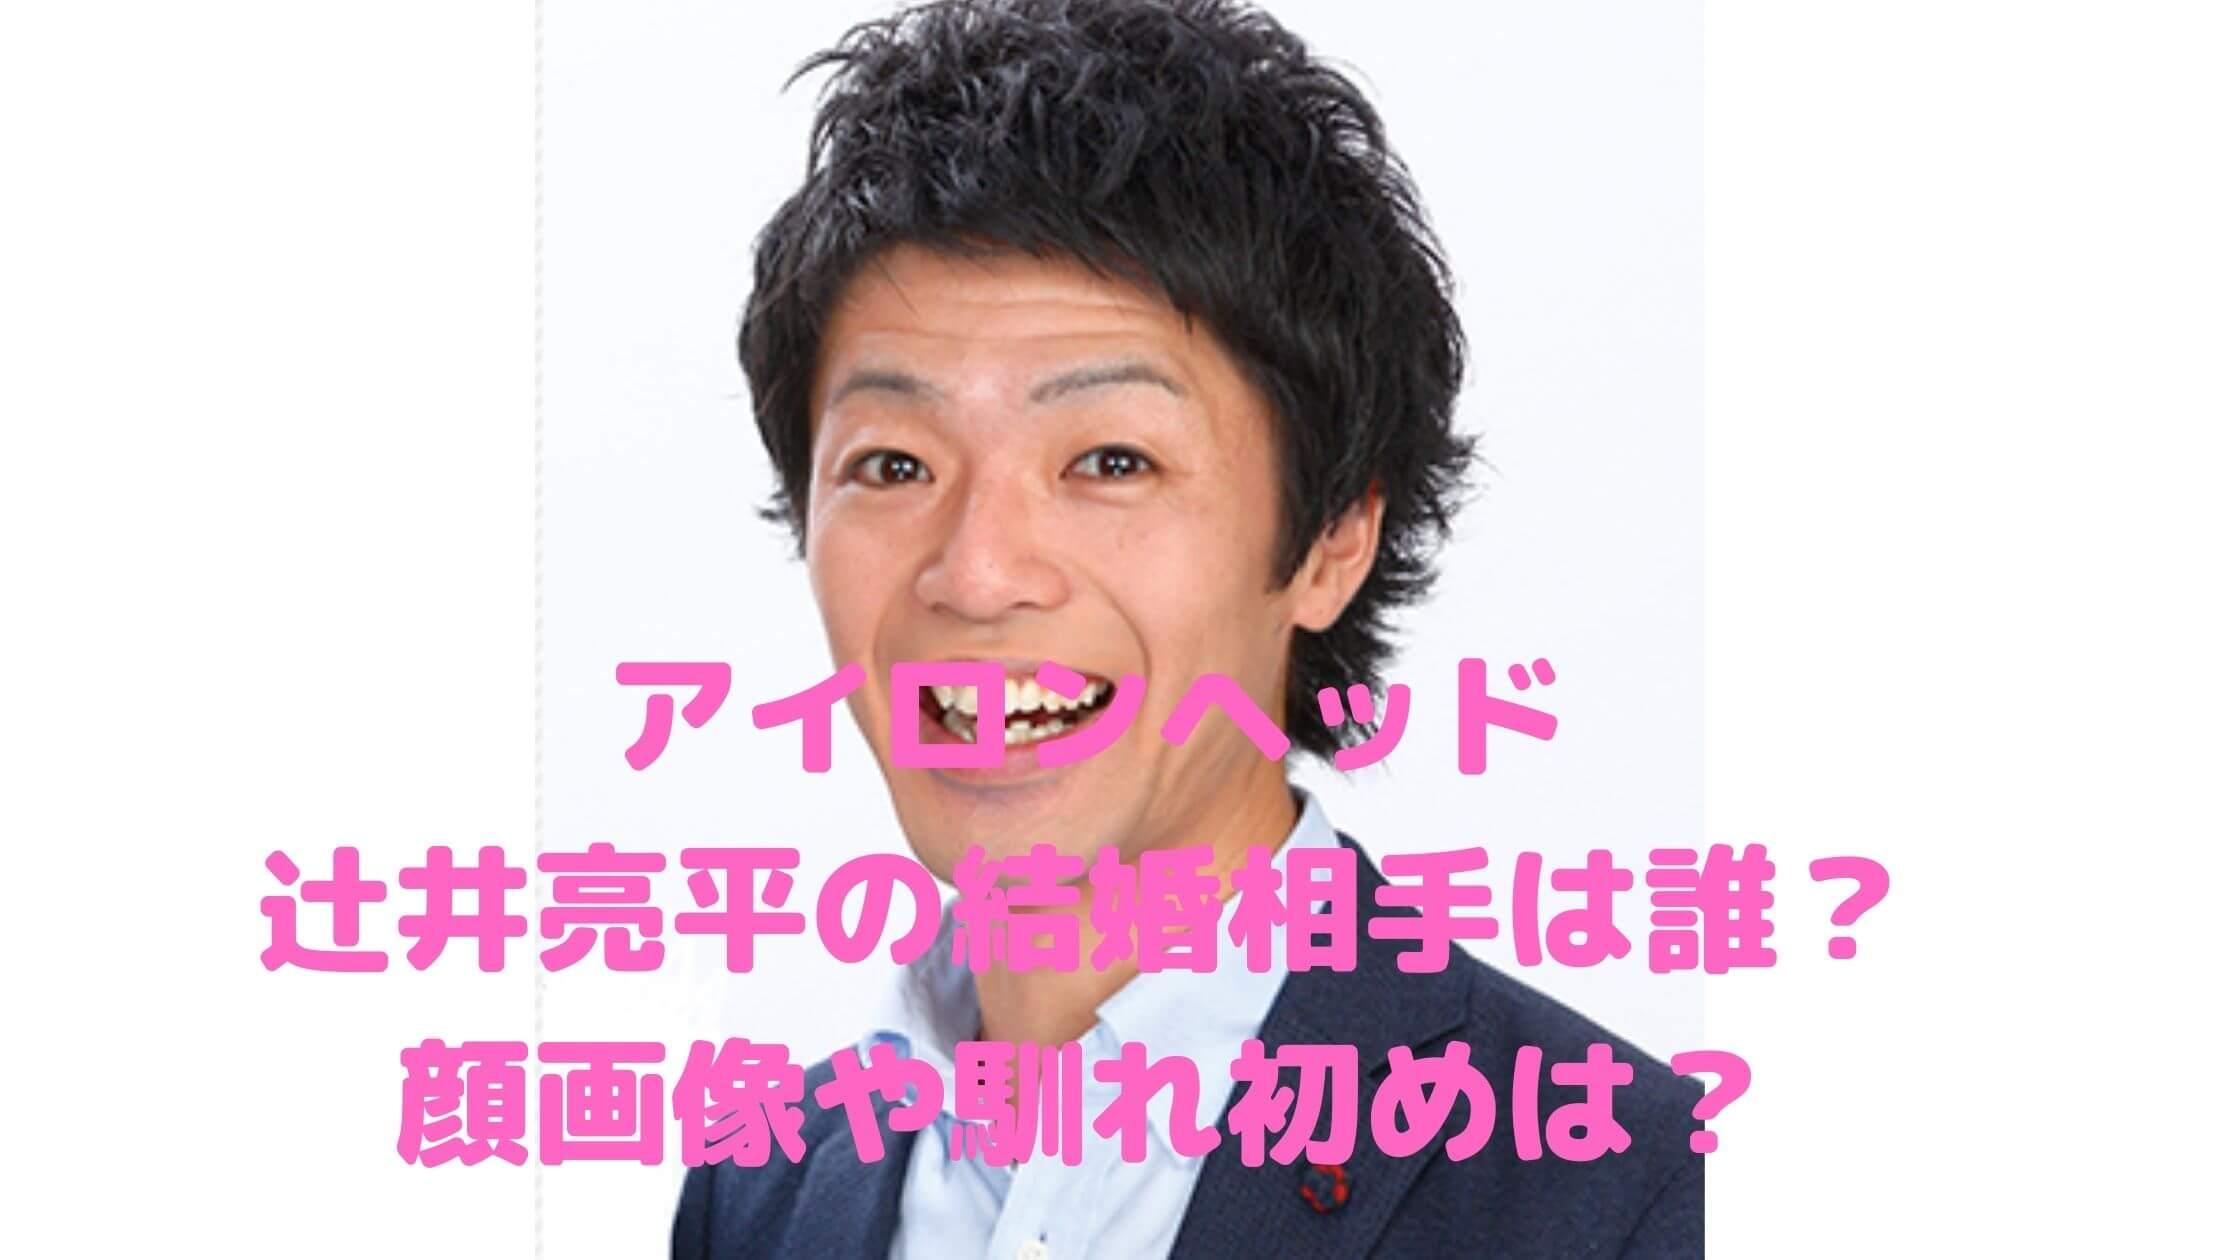 アイロンヘッド 辻井亮平 結婚相手は誰